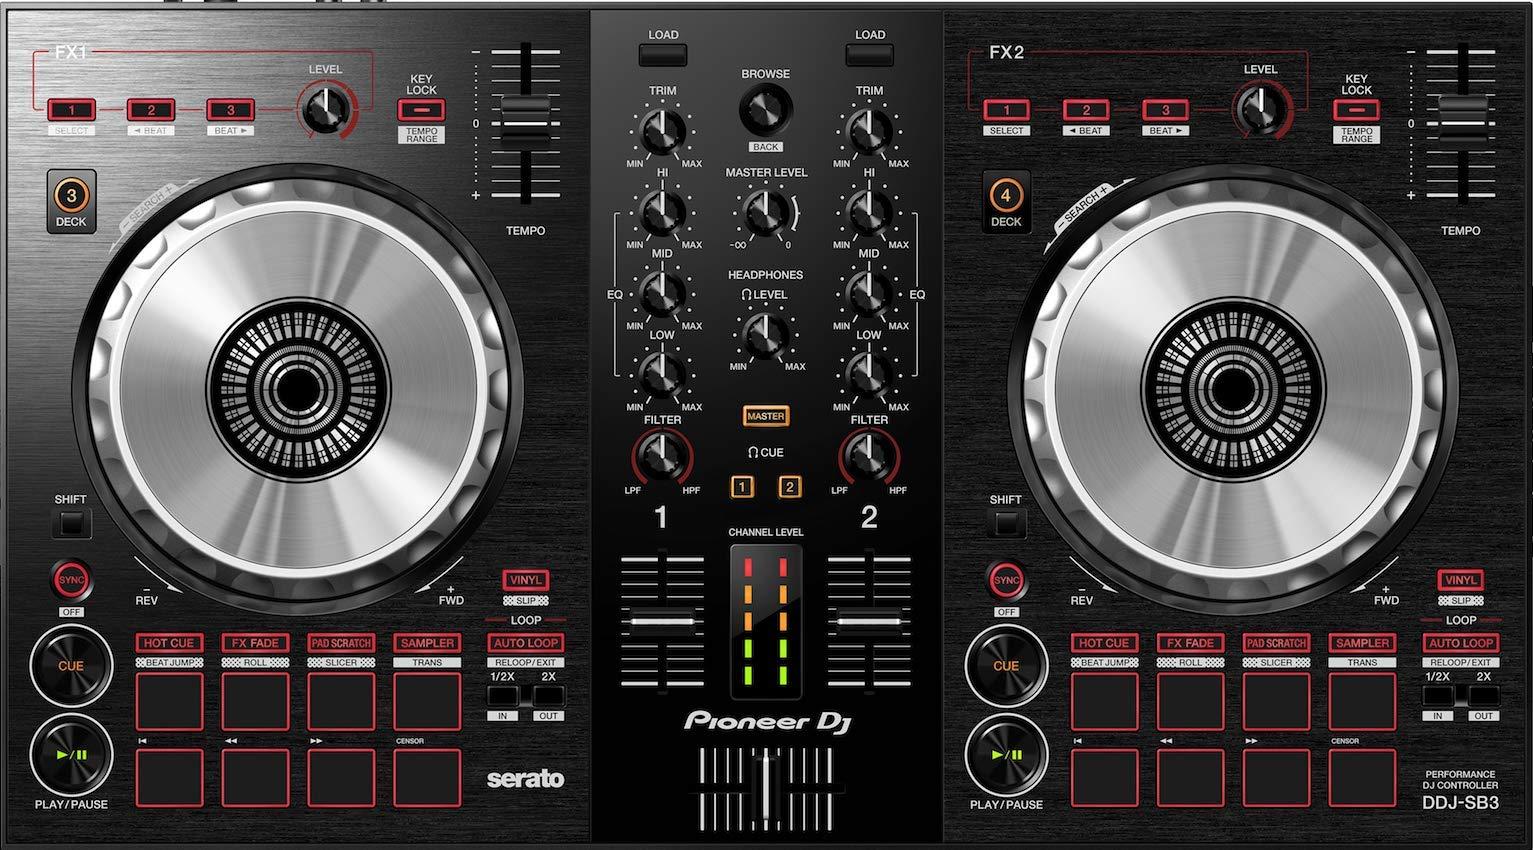 Pioneer DJ DDJ SB3 Controller